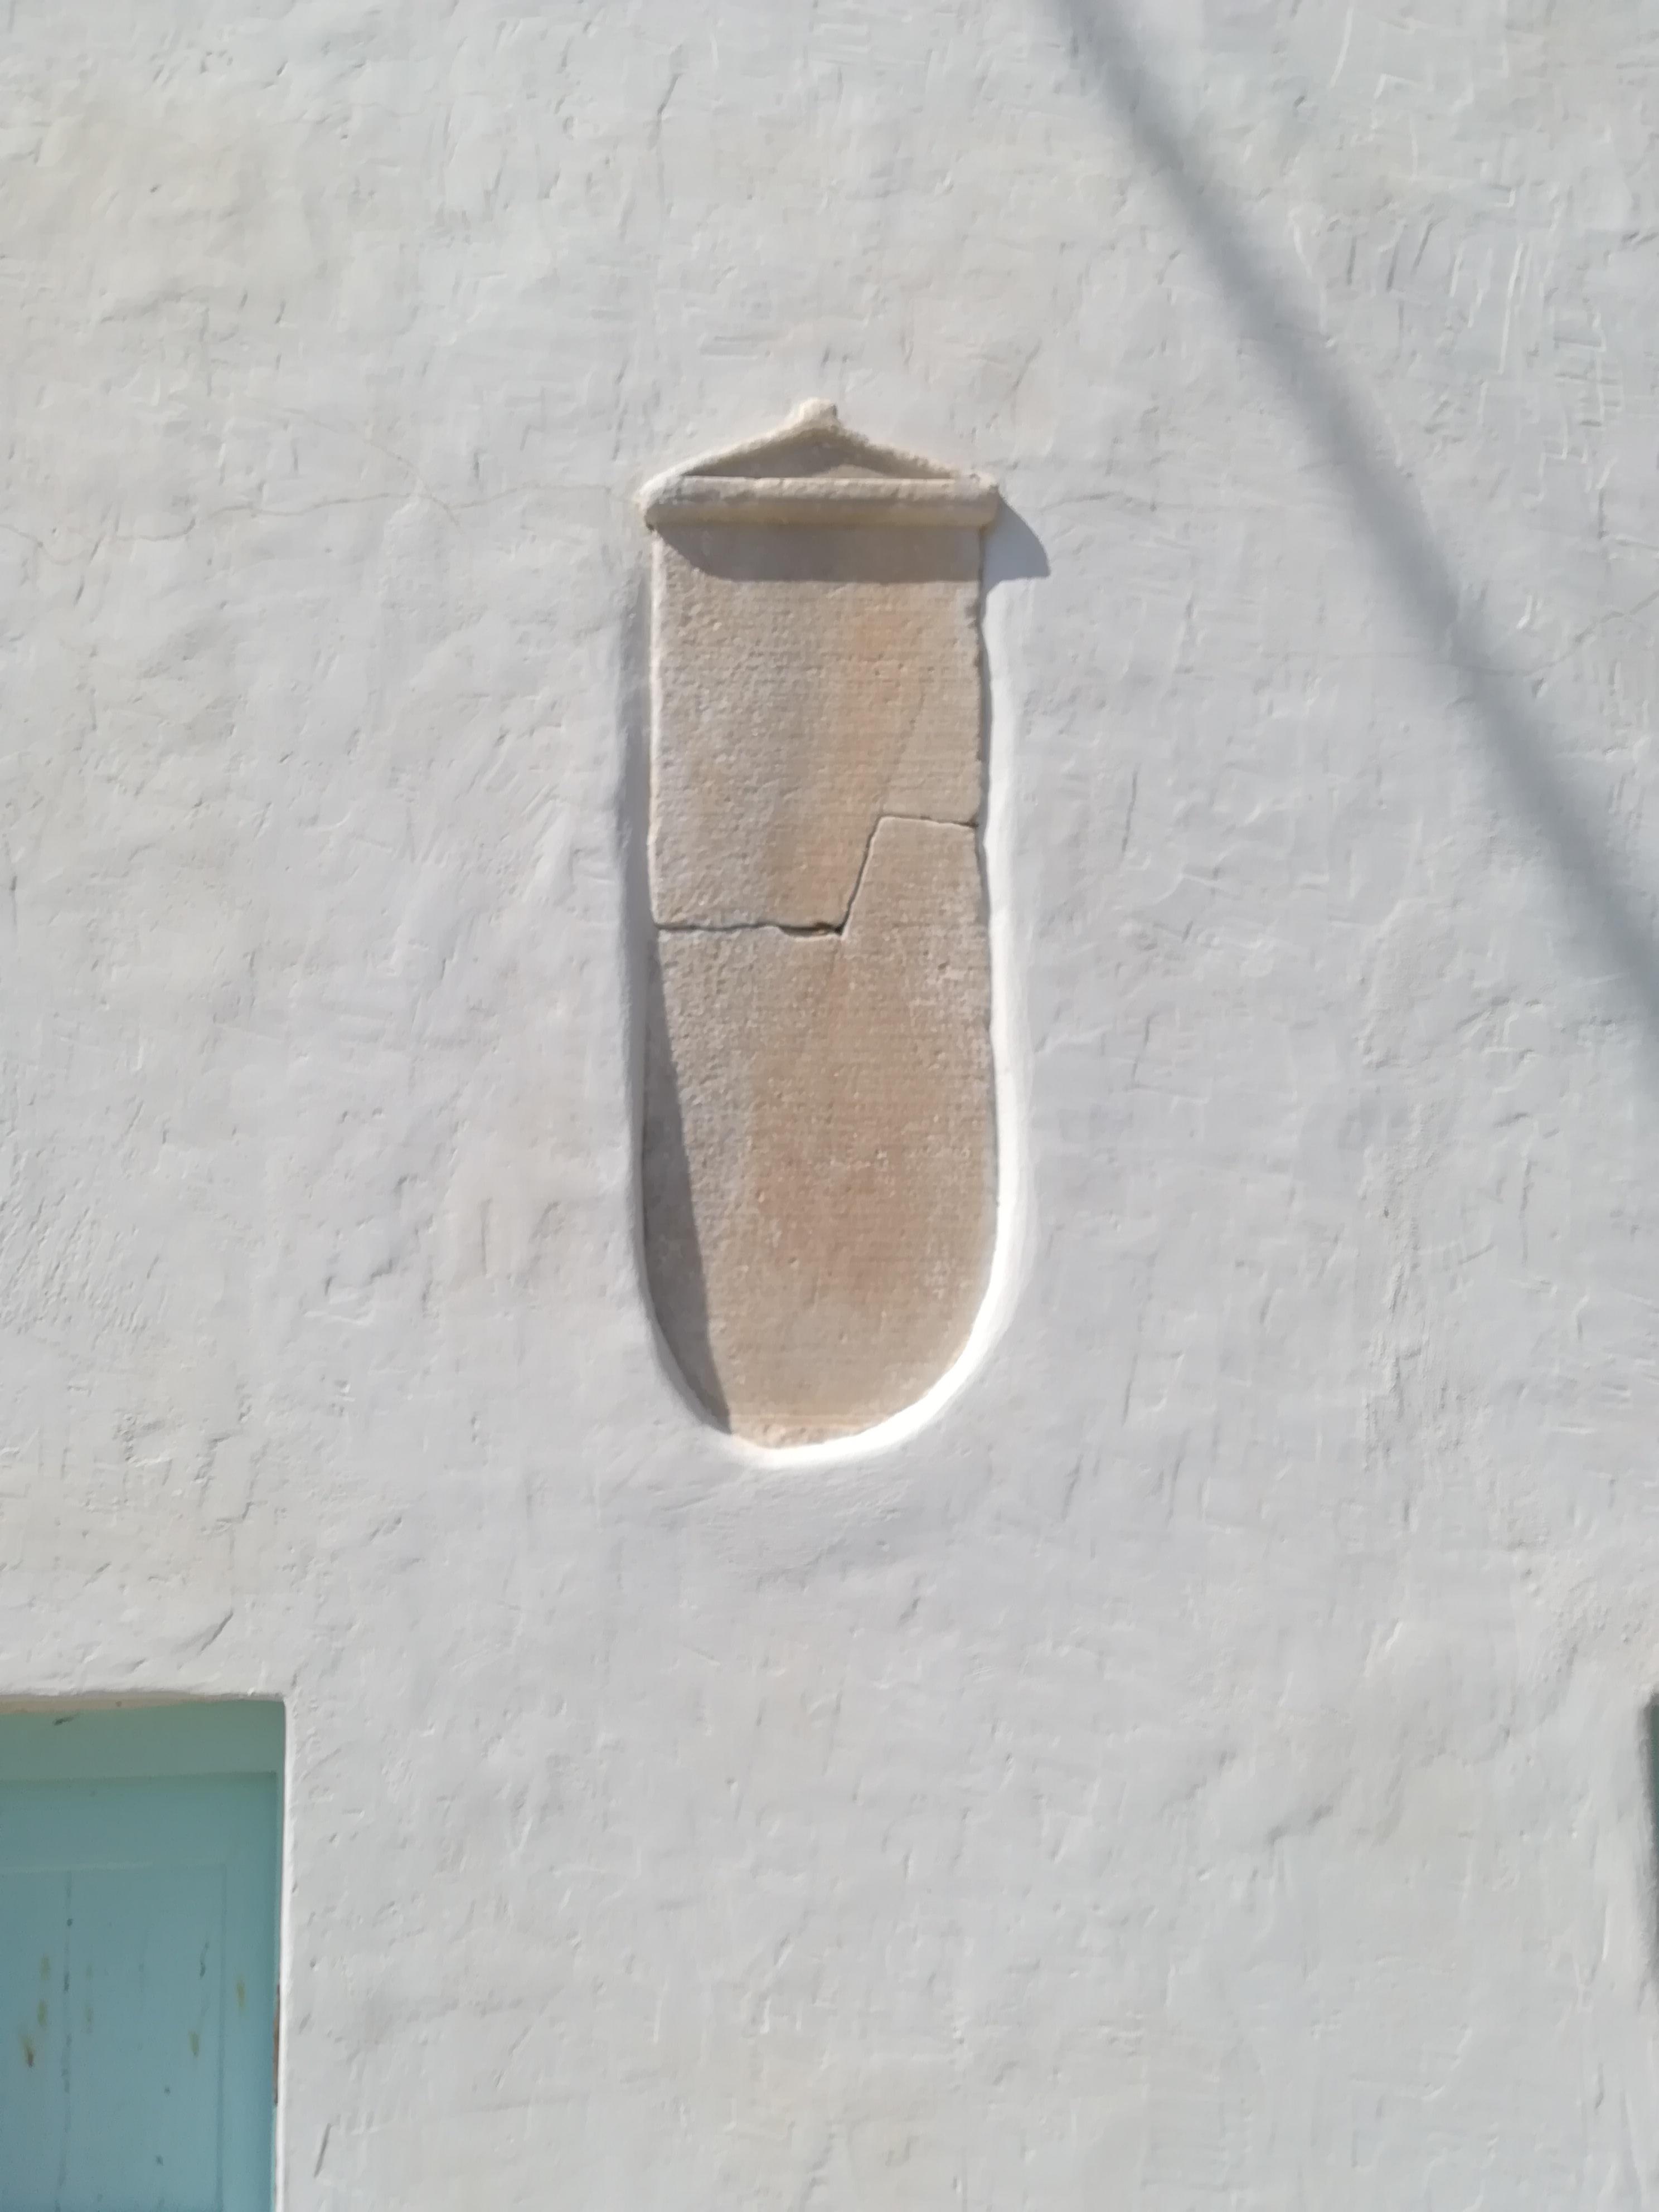 entopistike-archaia-epigrafi-gia-tin-istoria-toy-aigaioy-entoichismeni-se-spiti-fotografia1